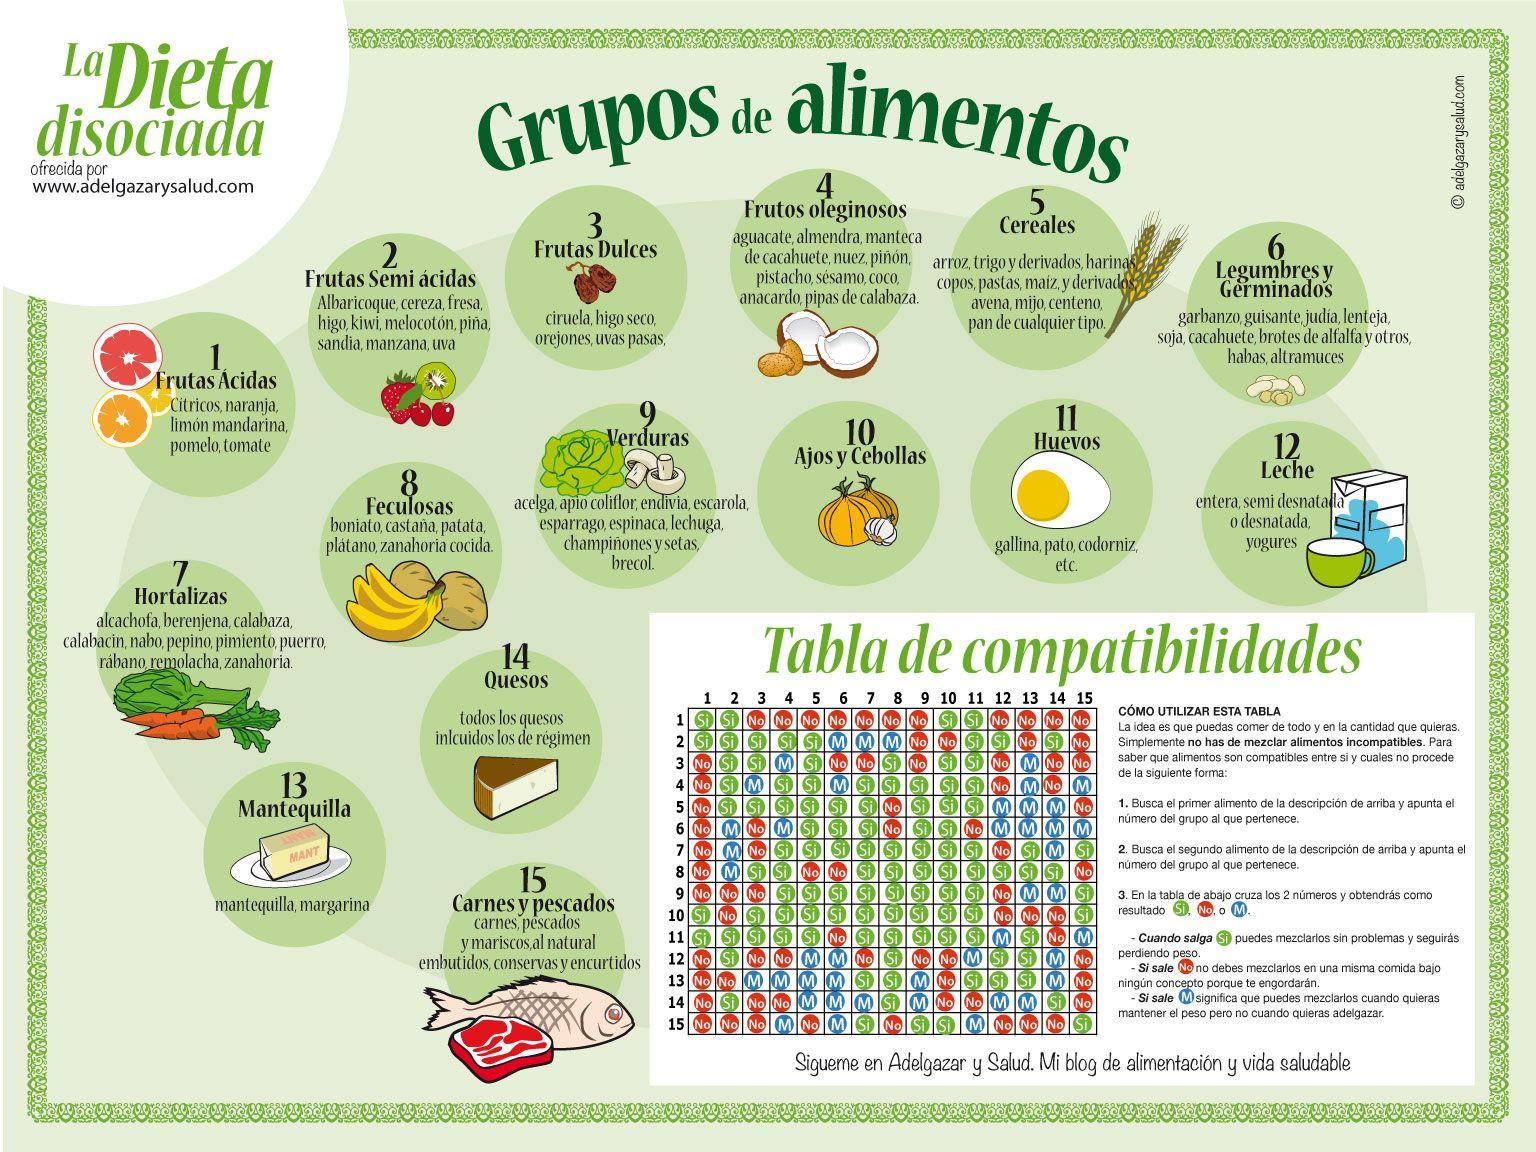 El maiz se puede comer en la dieta disociada